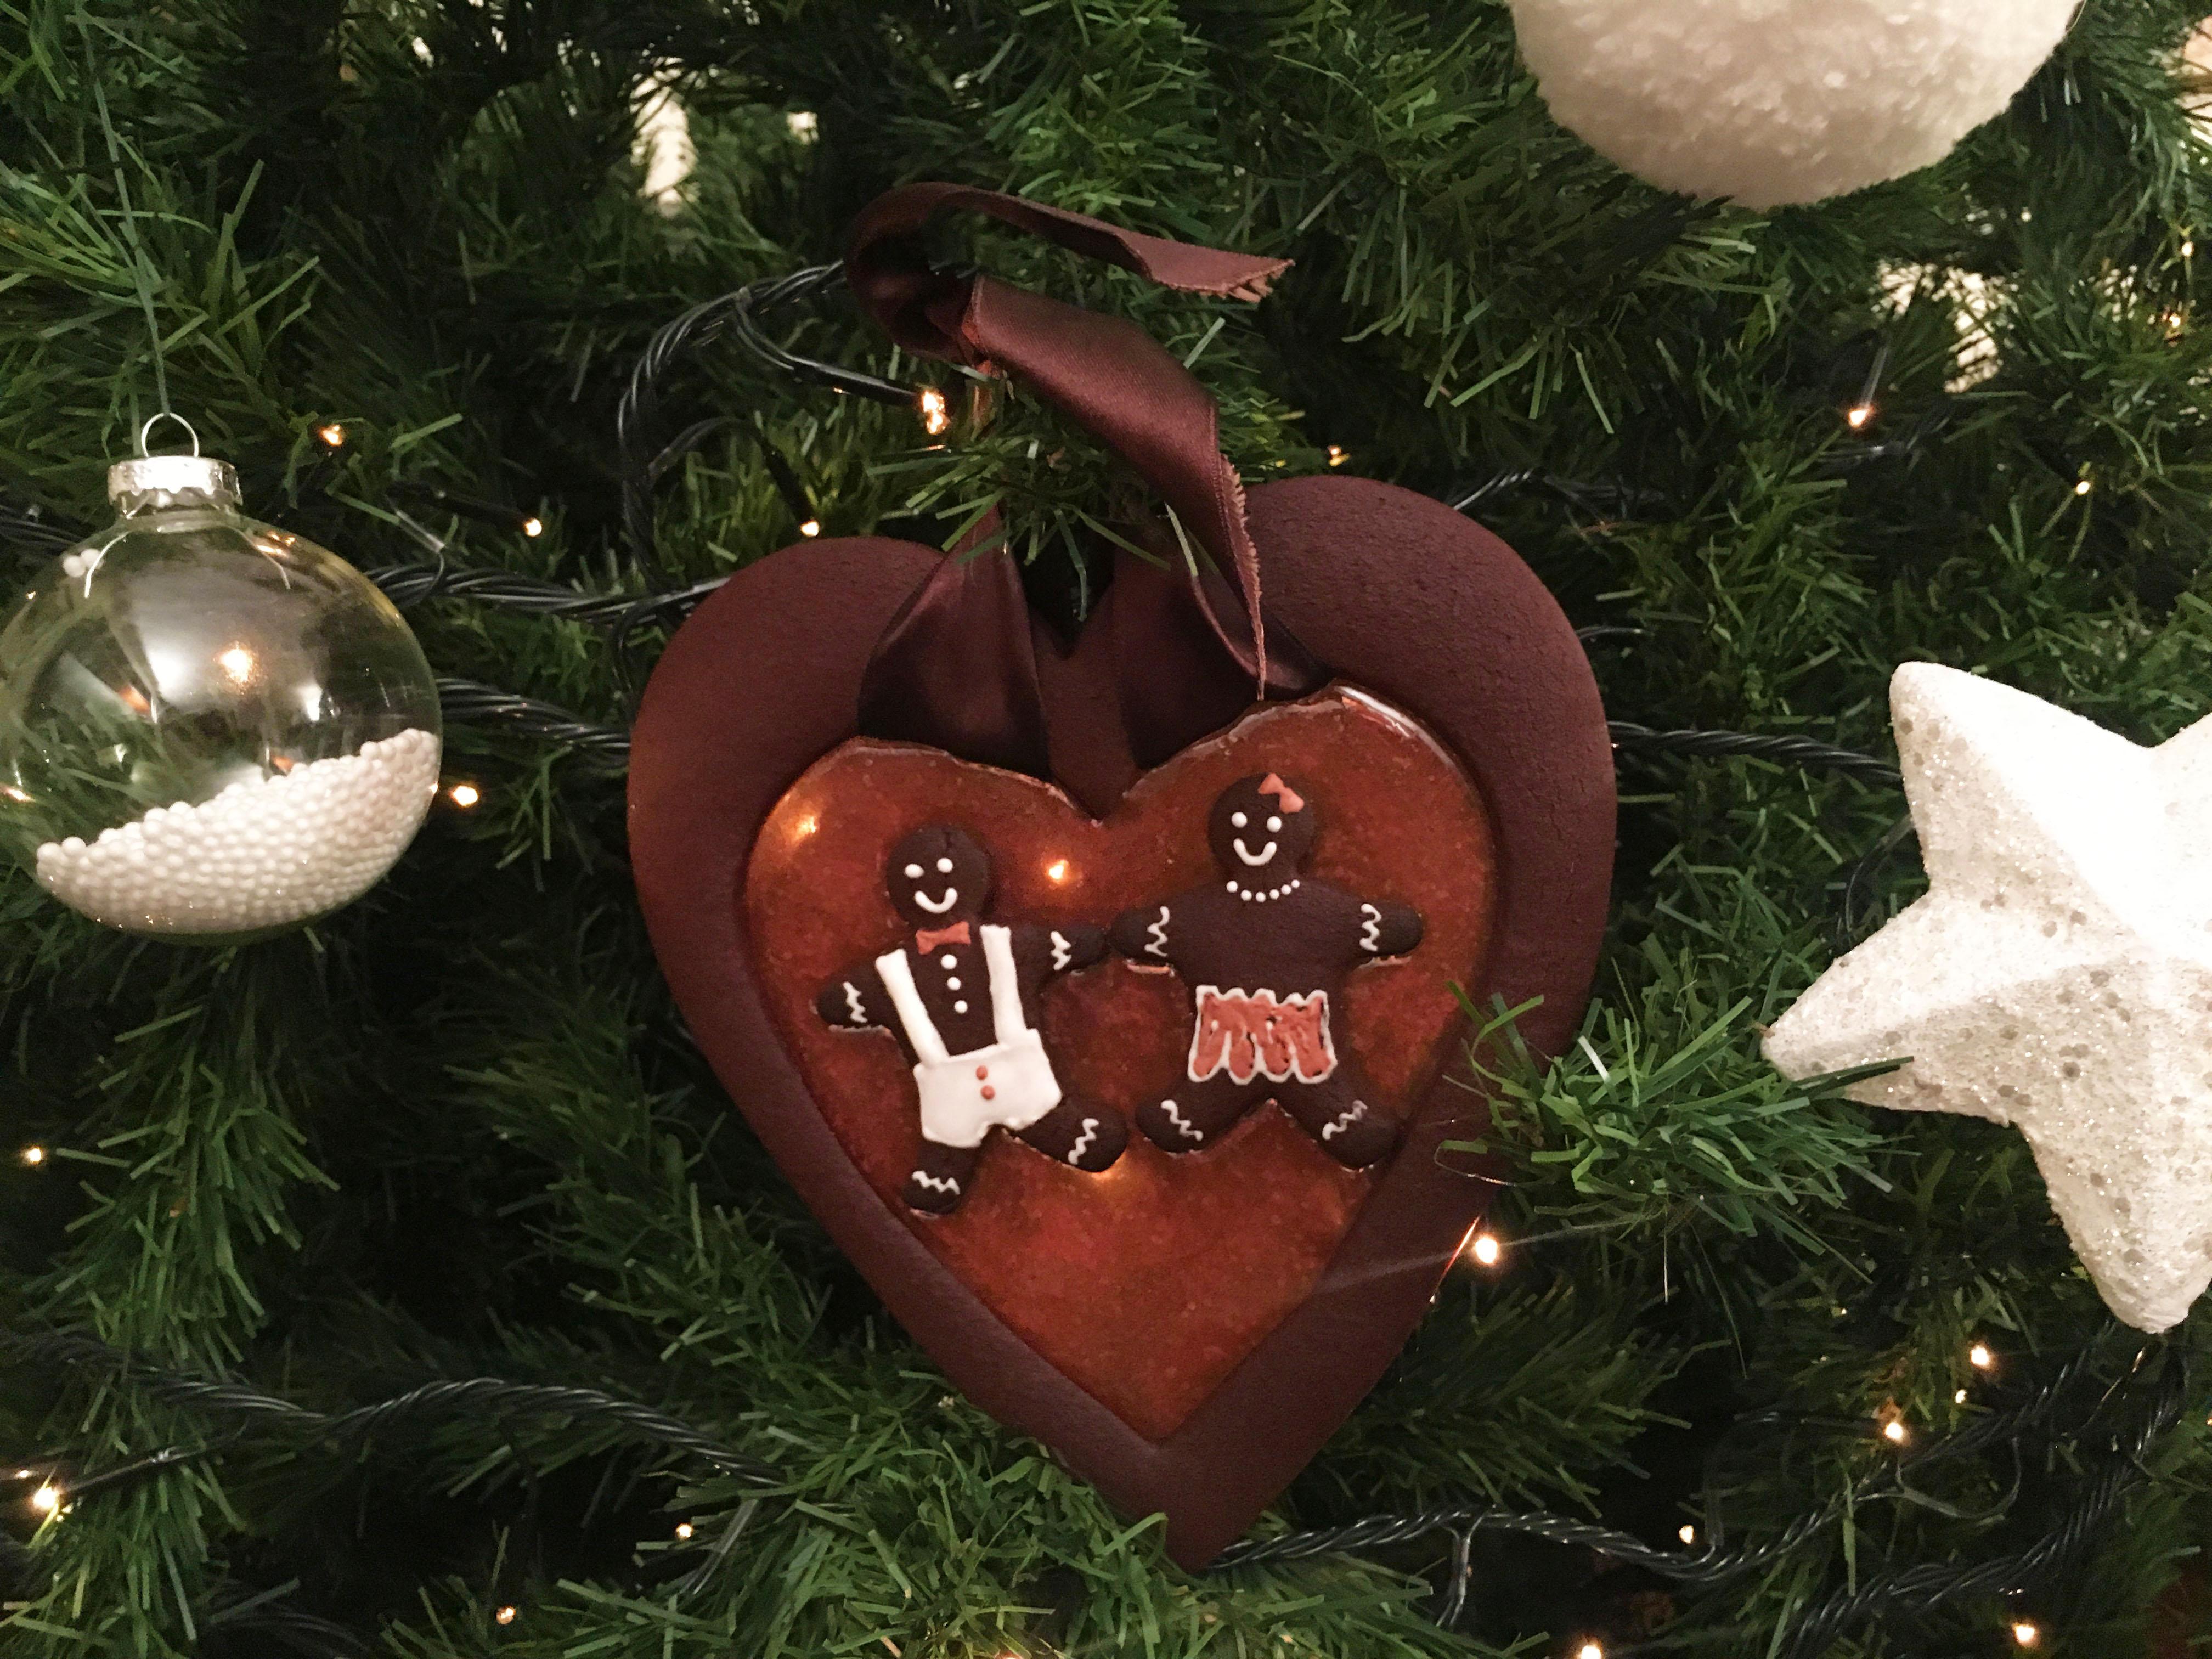 Albero Di Natale Con Biscotti Bucaneve.Cuore Di Pan Di Zenzero Al Cioccolato E Isomalto Christmas In Love Leeno S Kitchen